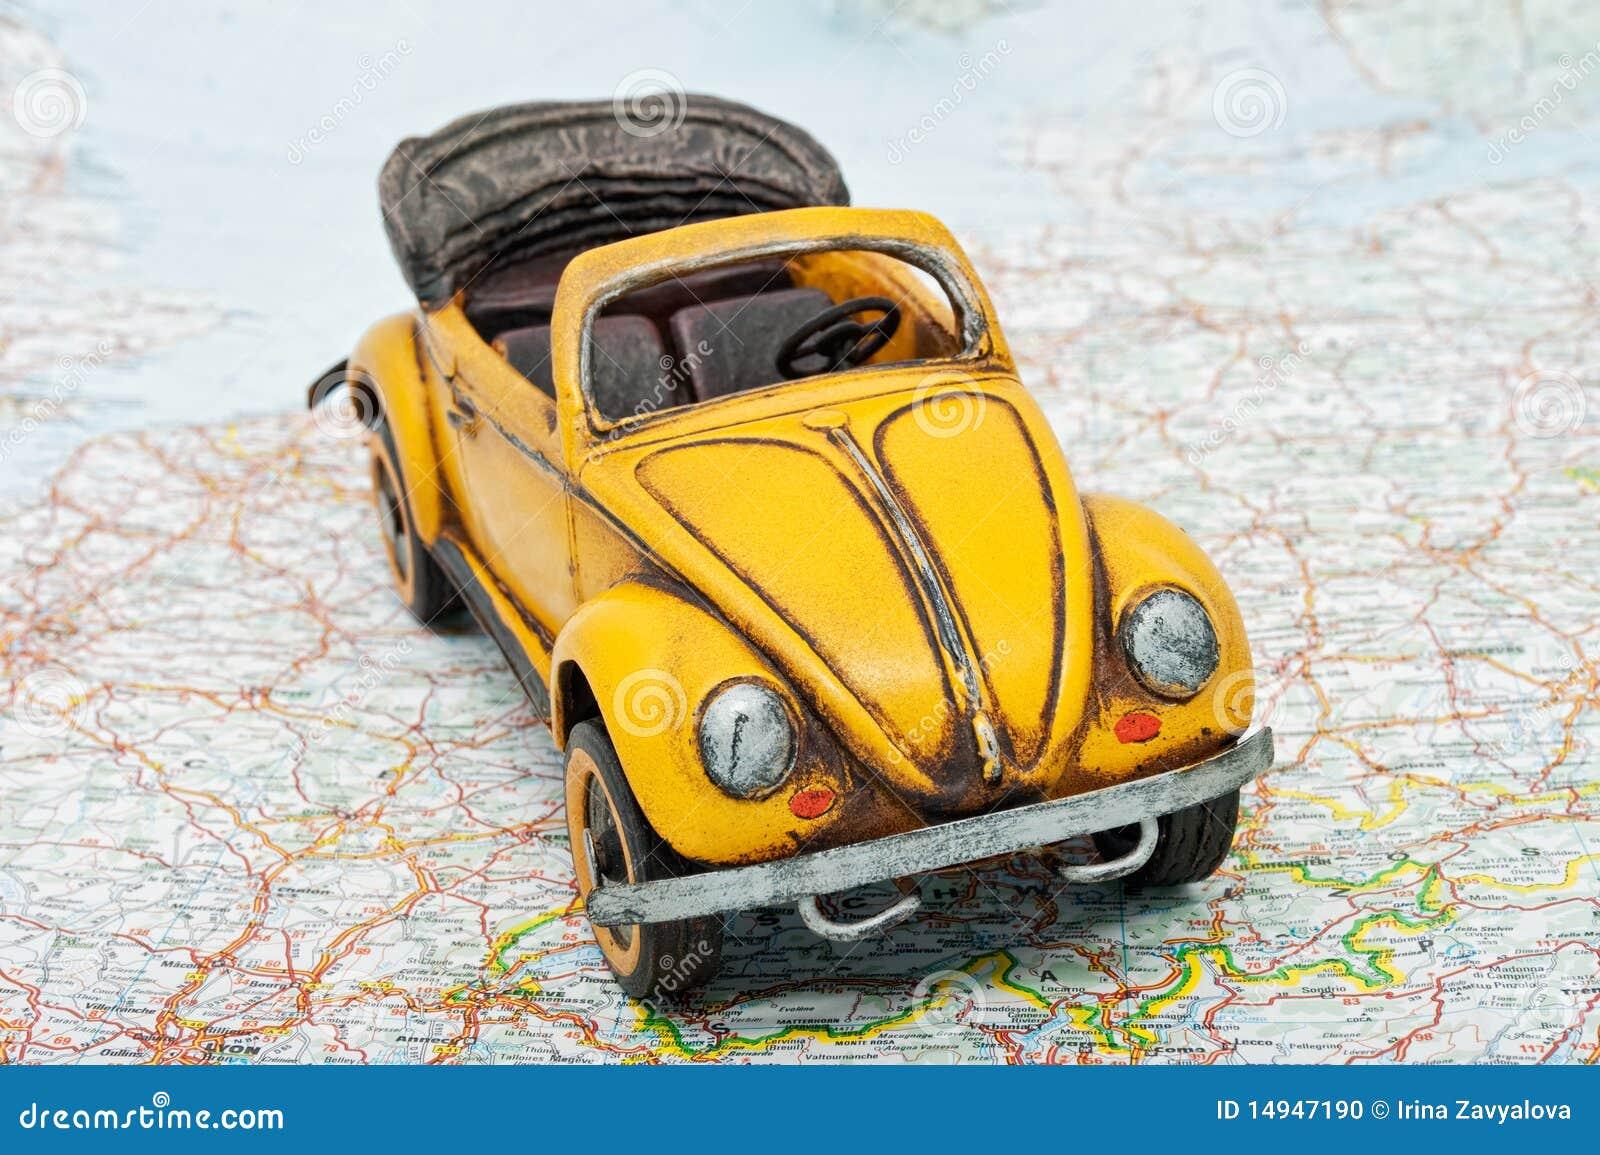 in Viaggiare mappa Immagine del autoUn'automobile sulla giocattolo Stock Fotografia dxtQhrCosB